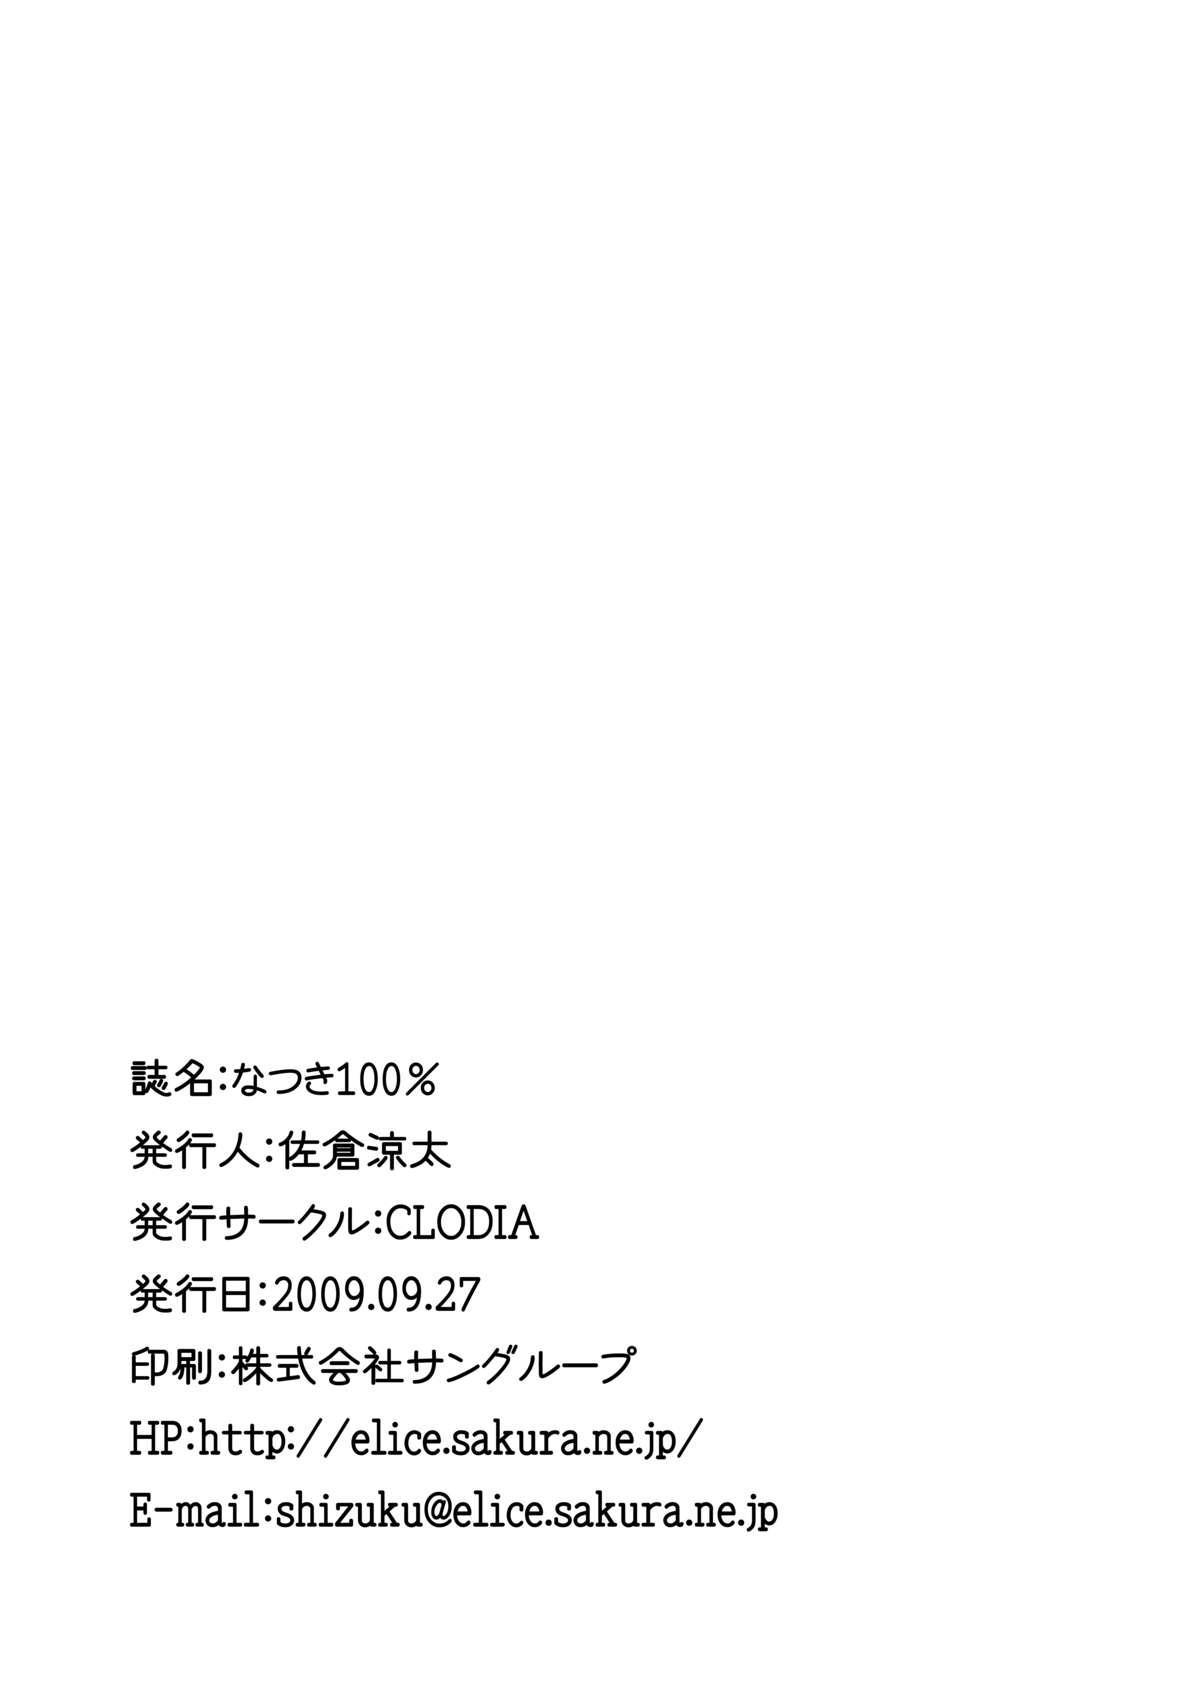 Natsuki100% 16